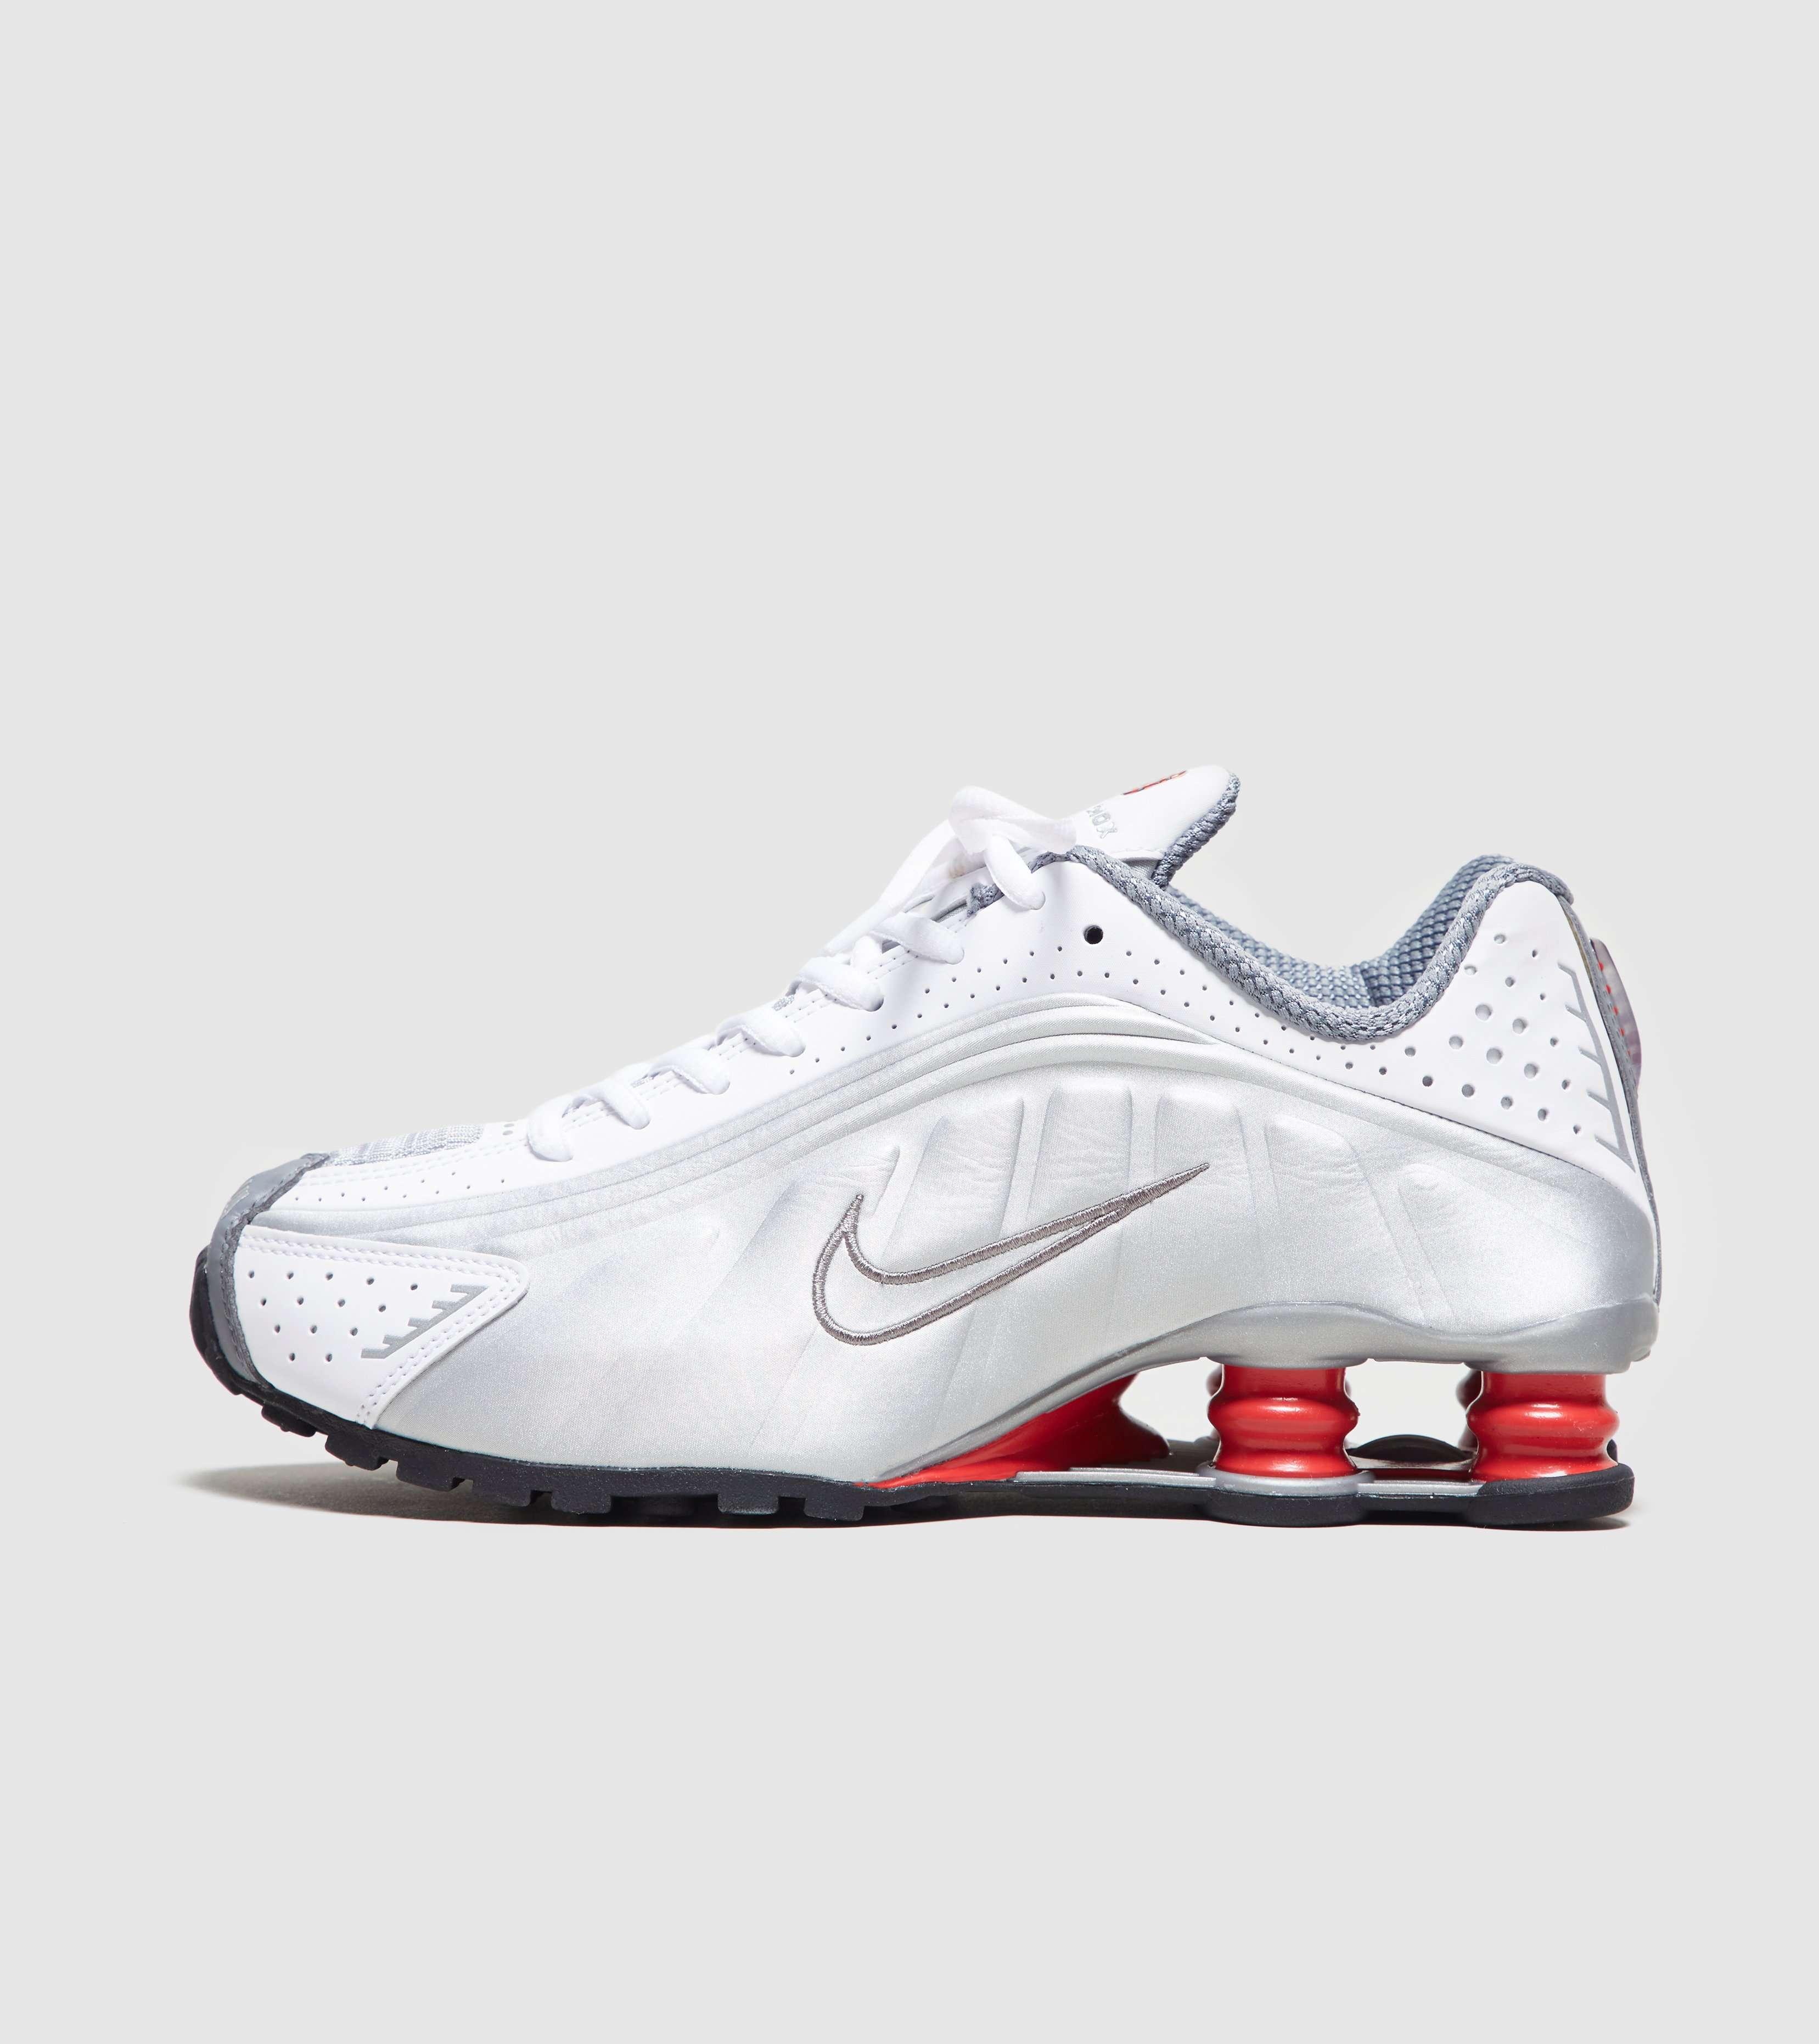 nouveau style 9a3d0 6f4fa Nike Shox R4 | Size?